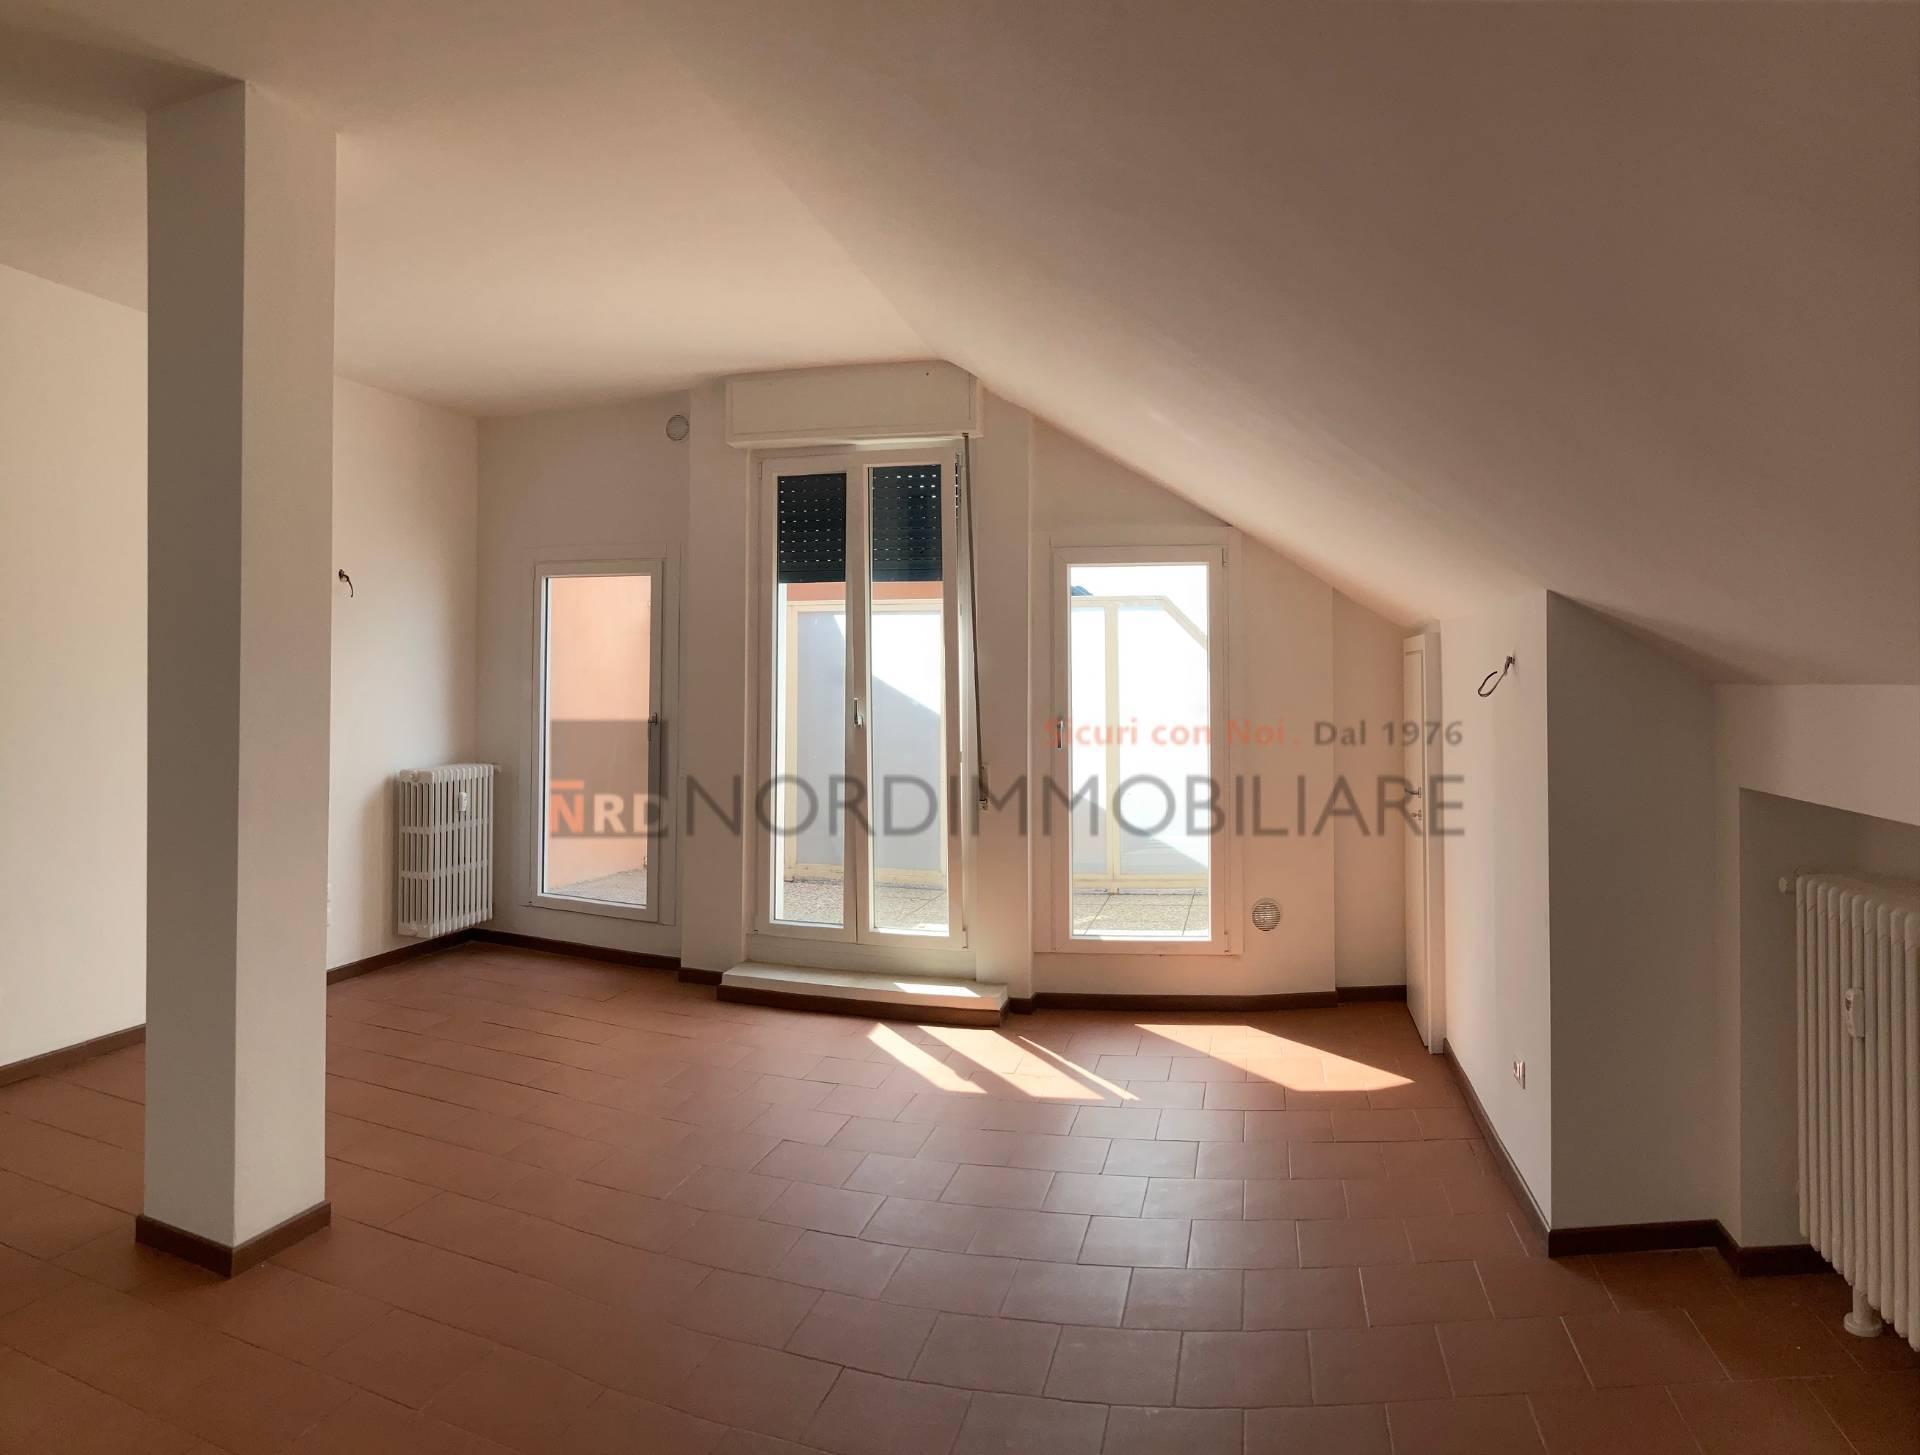 Appartamento in affitto a Brescia, 3 locali, zona Località: 4-PORTAVENEZIA,PANORAMICA,VIALEBORNATA, prezzo € 700 | CambioCasa.it